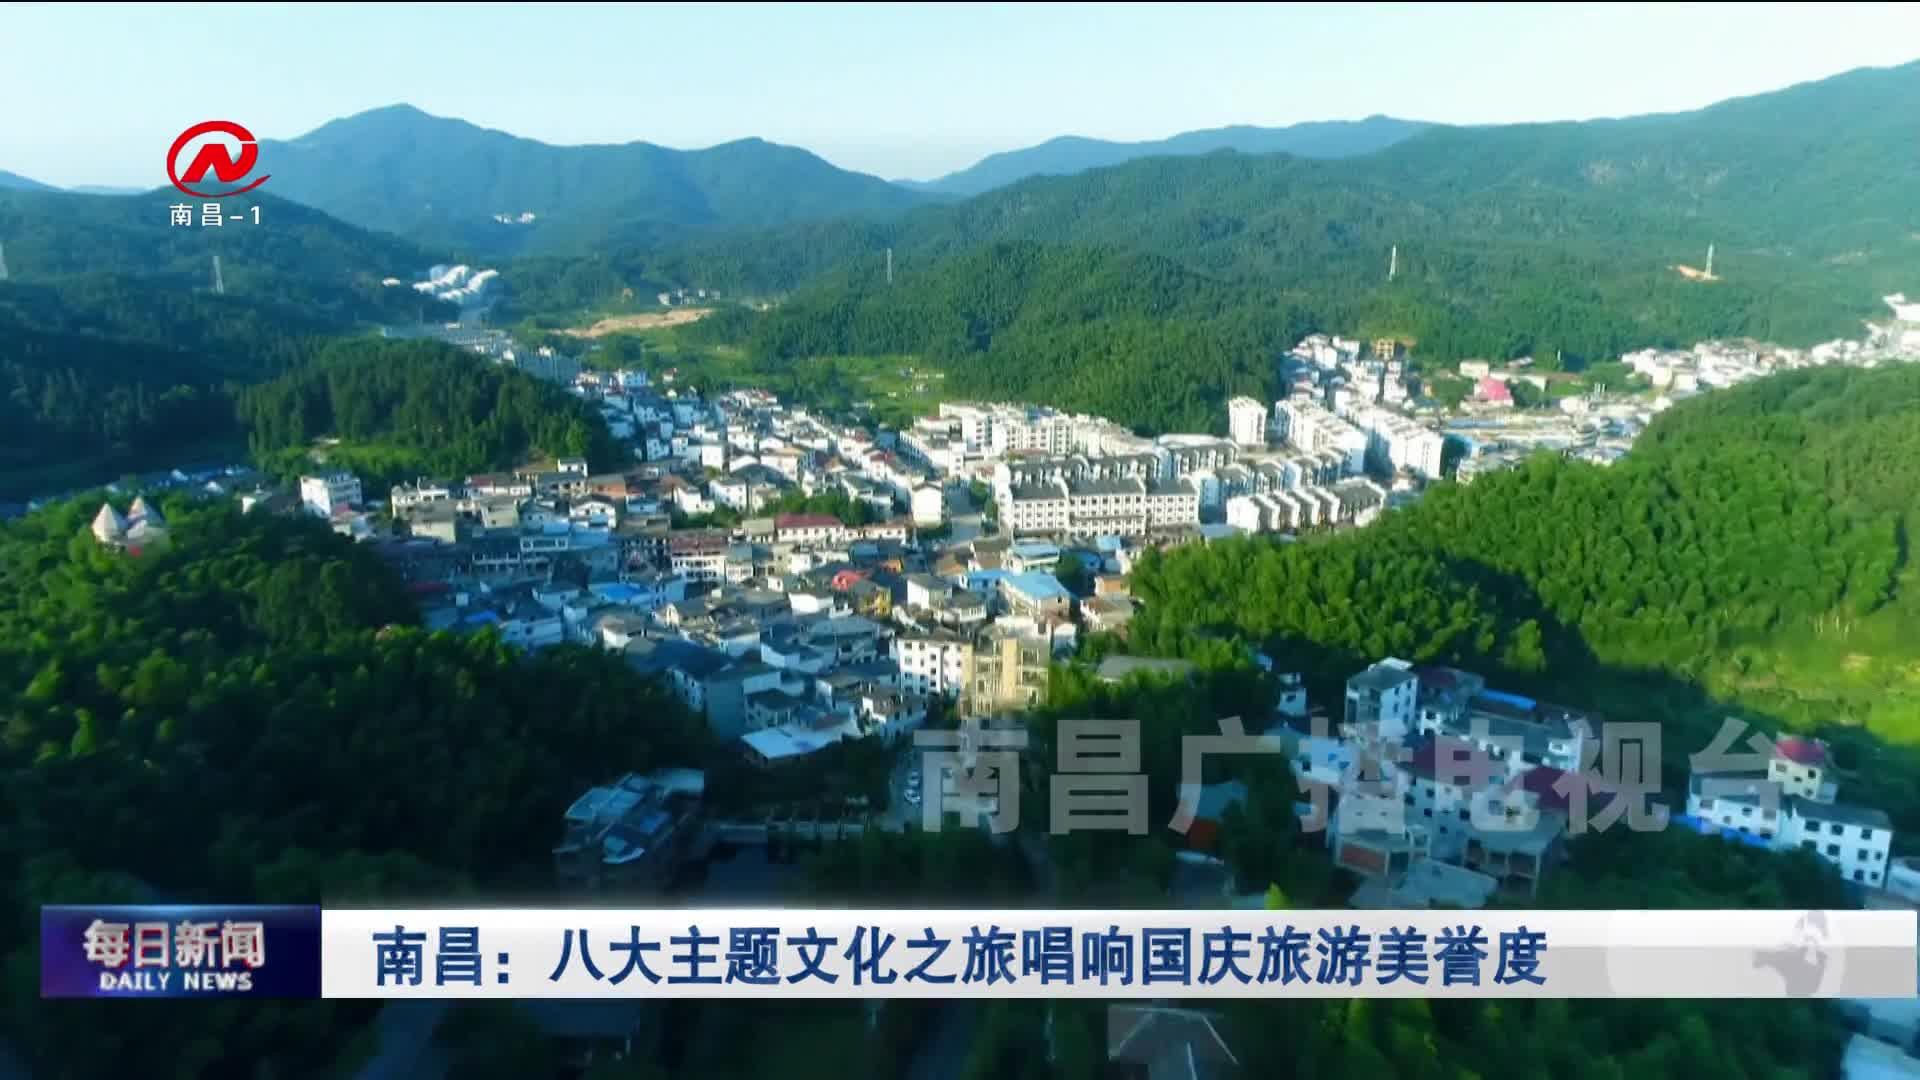 南昌:八大主题文化之旅唱响国庆旅游美誉度